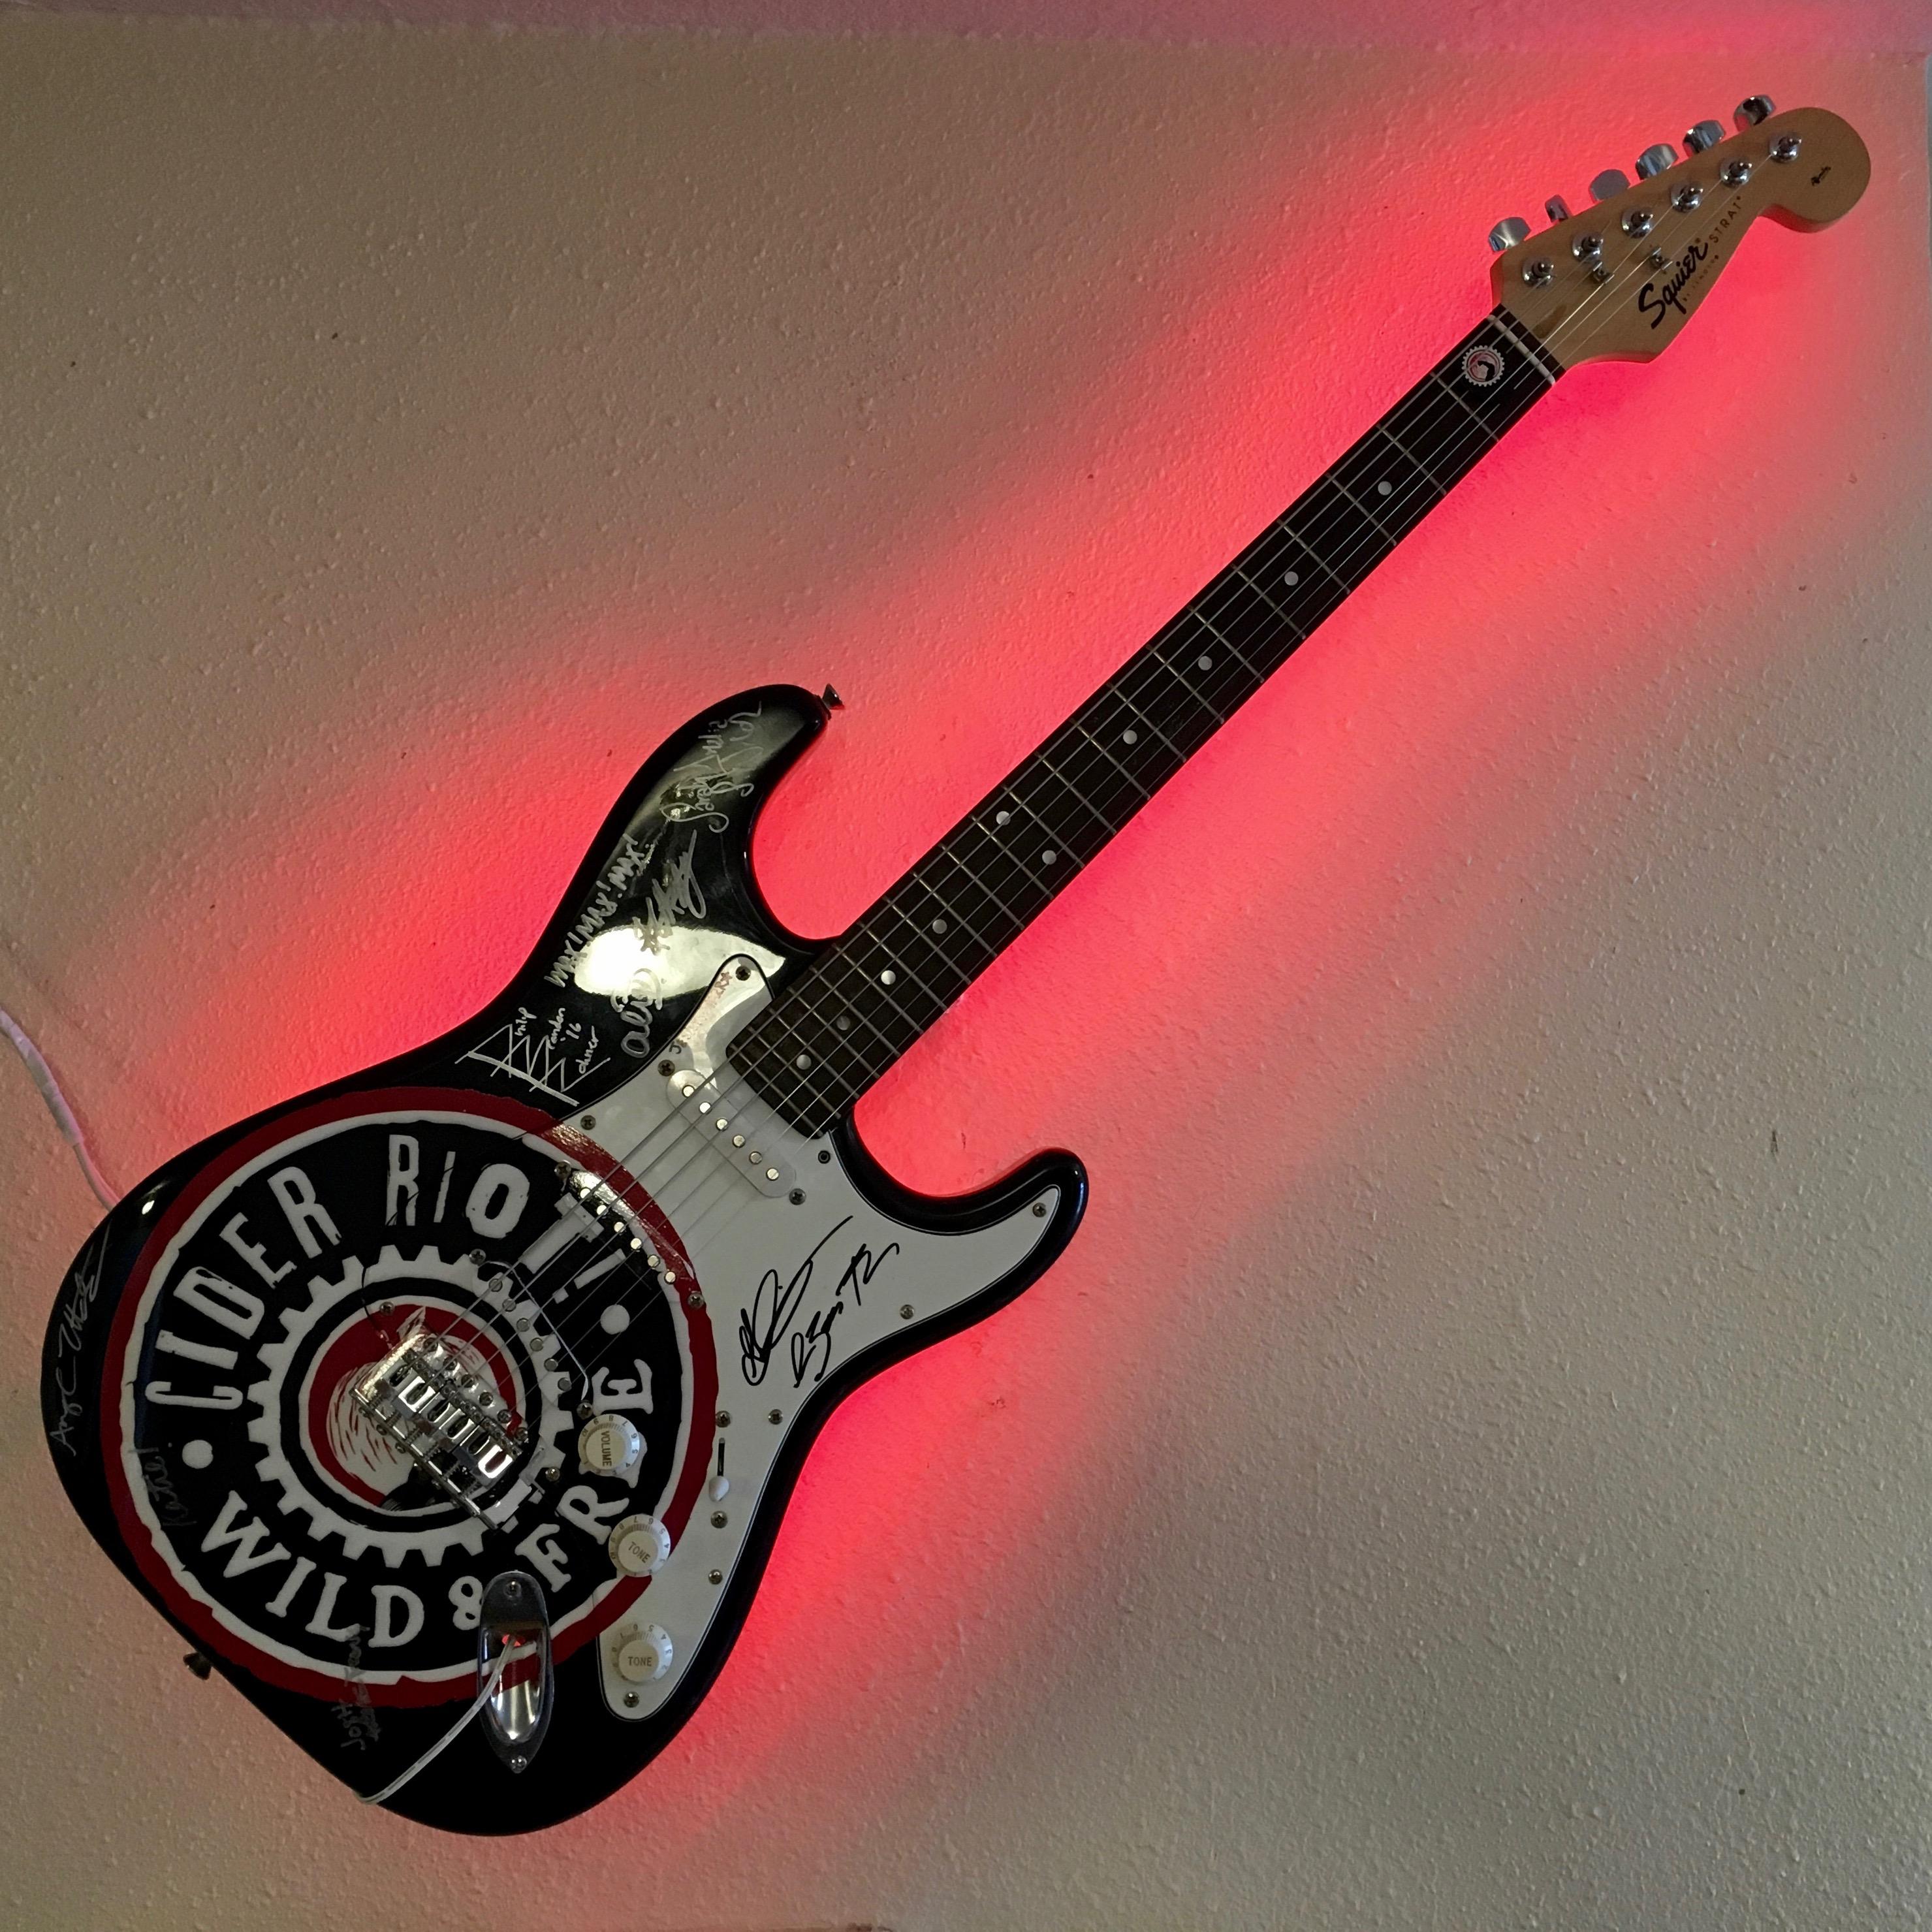 A Cider Riot! guitar adorns the walls at Cider Riot! Pub.